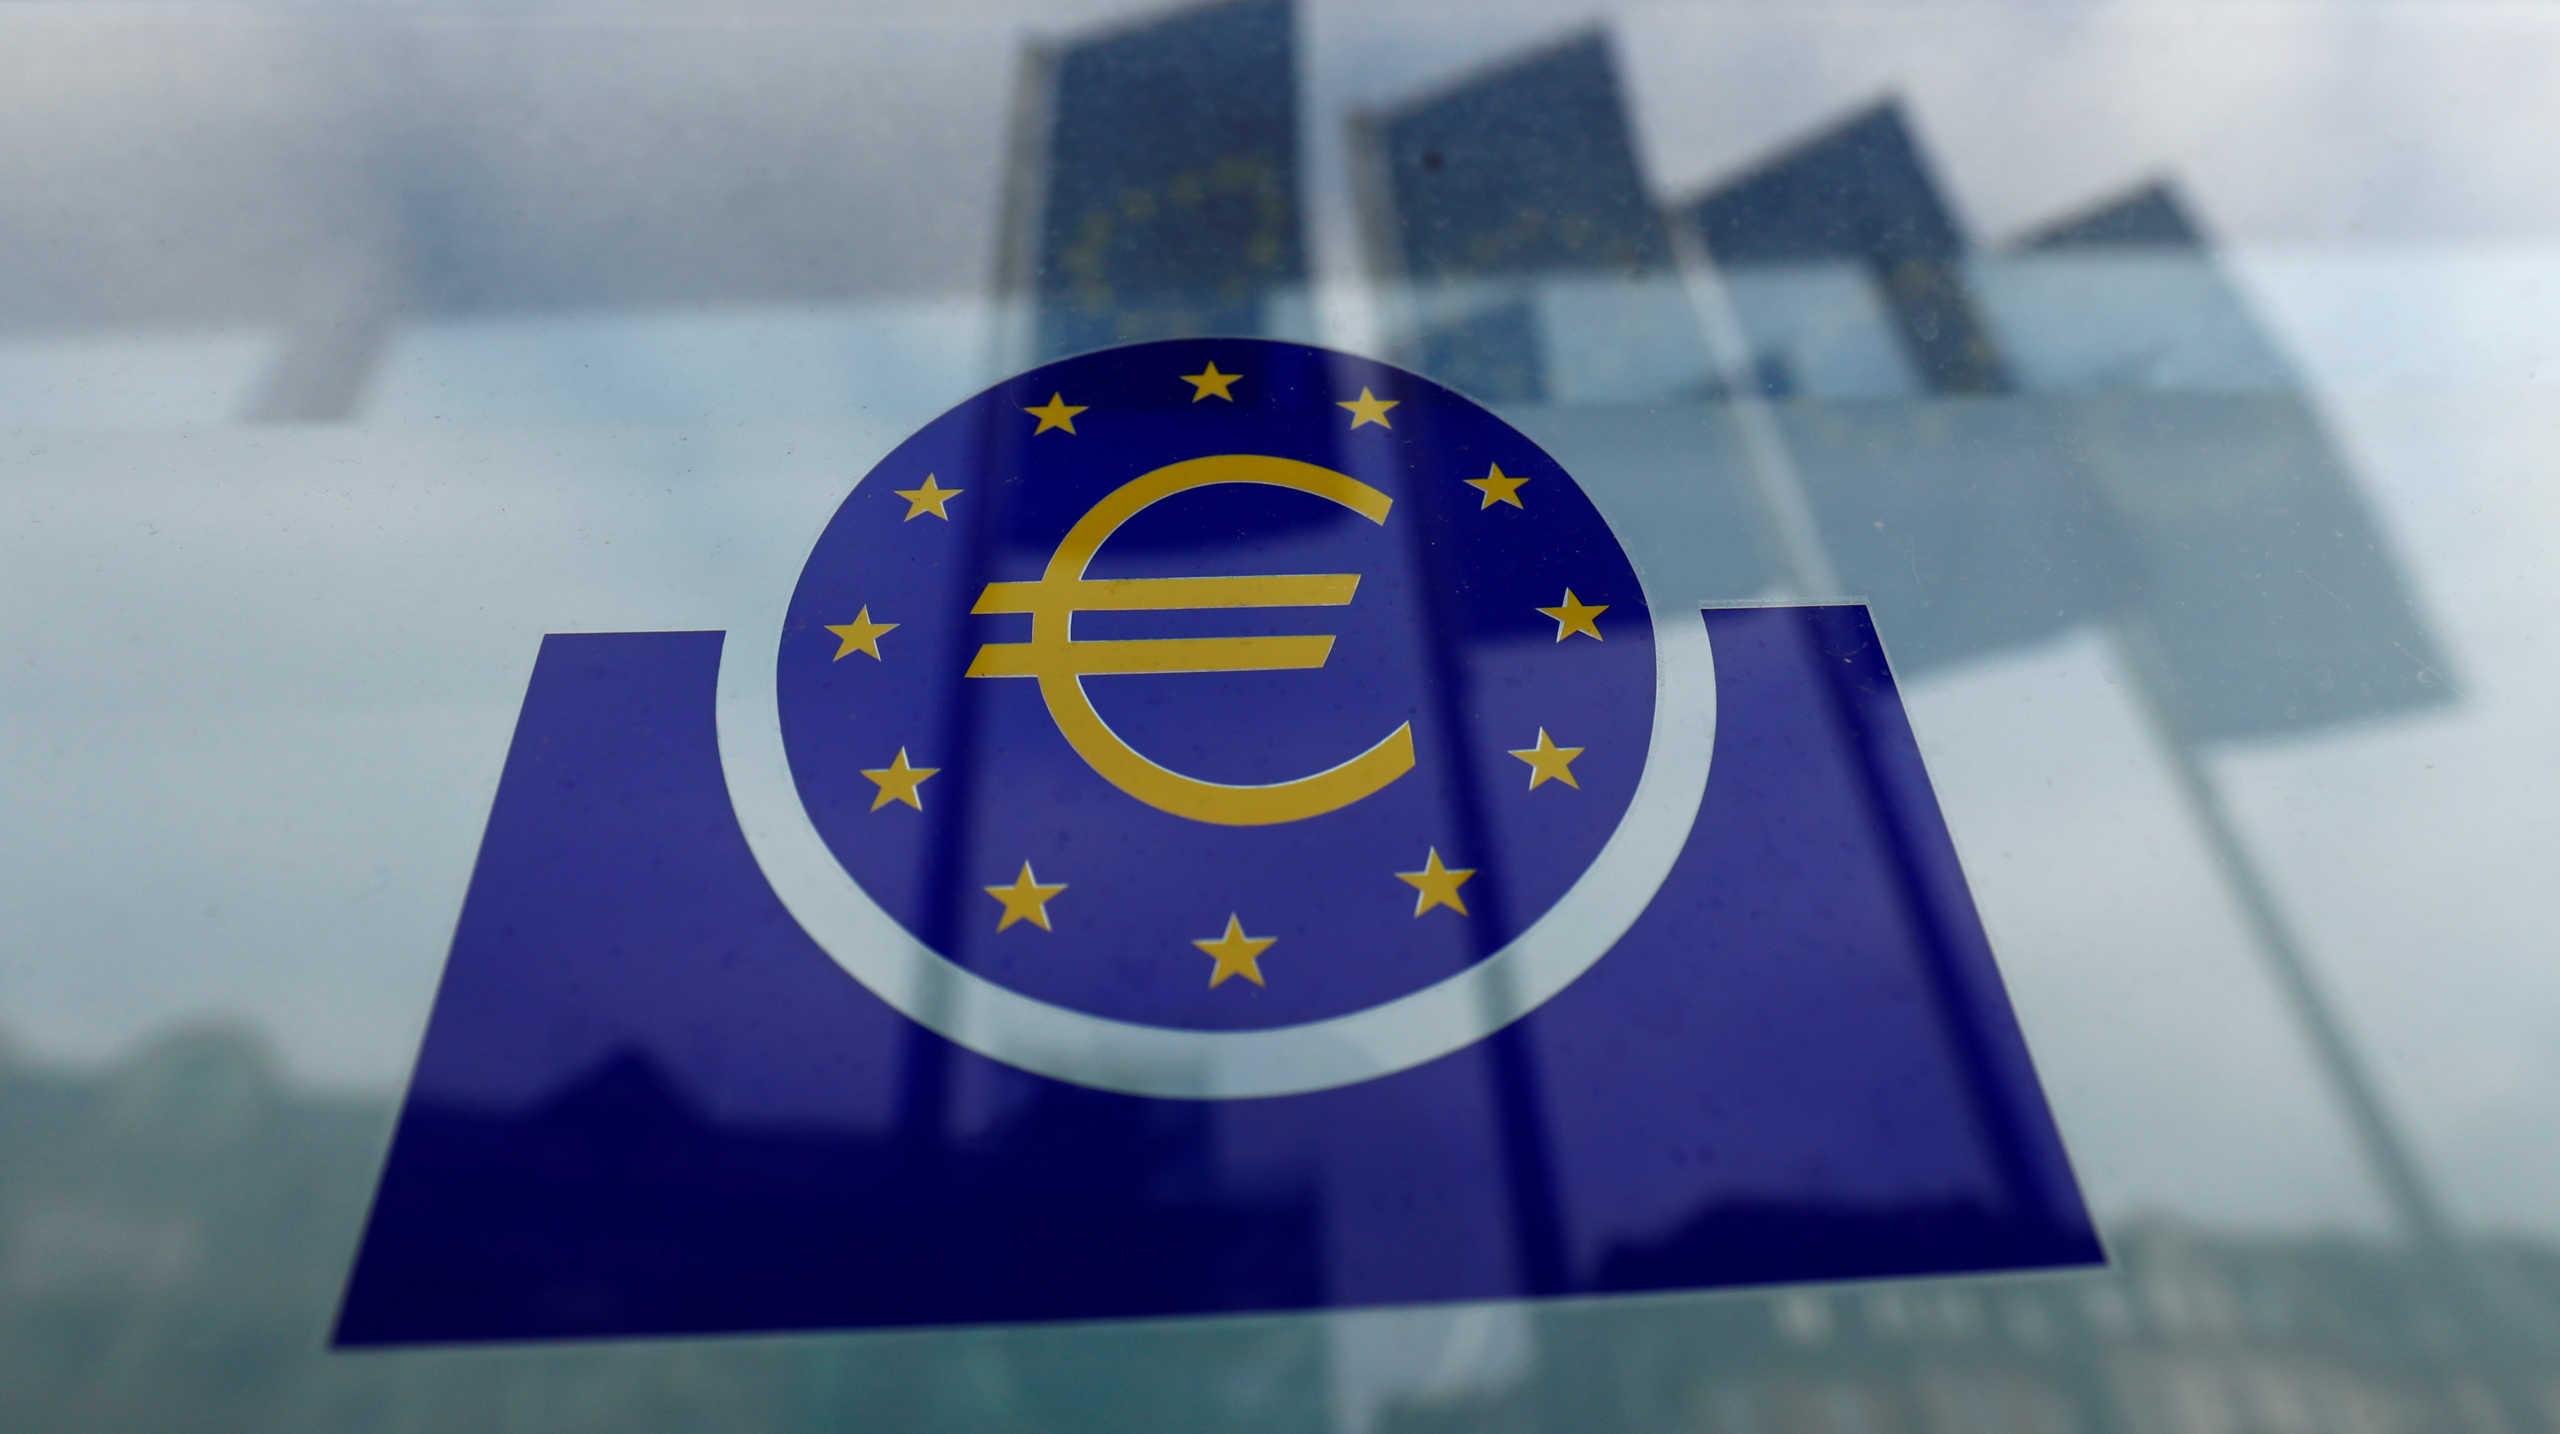 Γερμανία: Εν μέρει αντισυνταγματικά τα ομόλογα της ΕΚΤ το 2015!